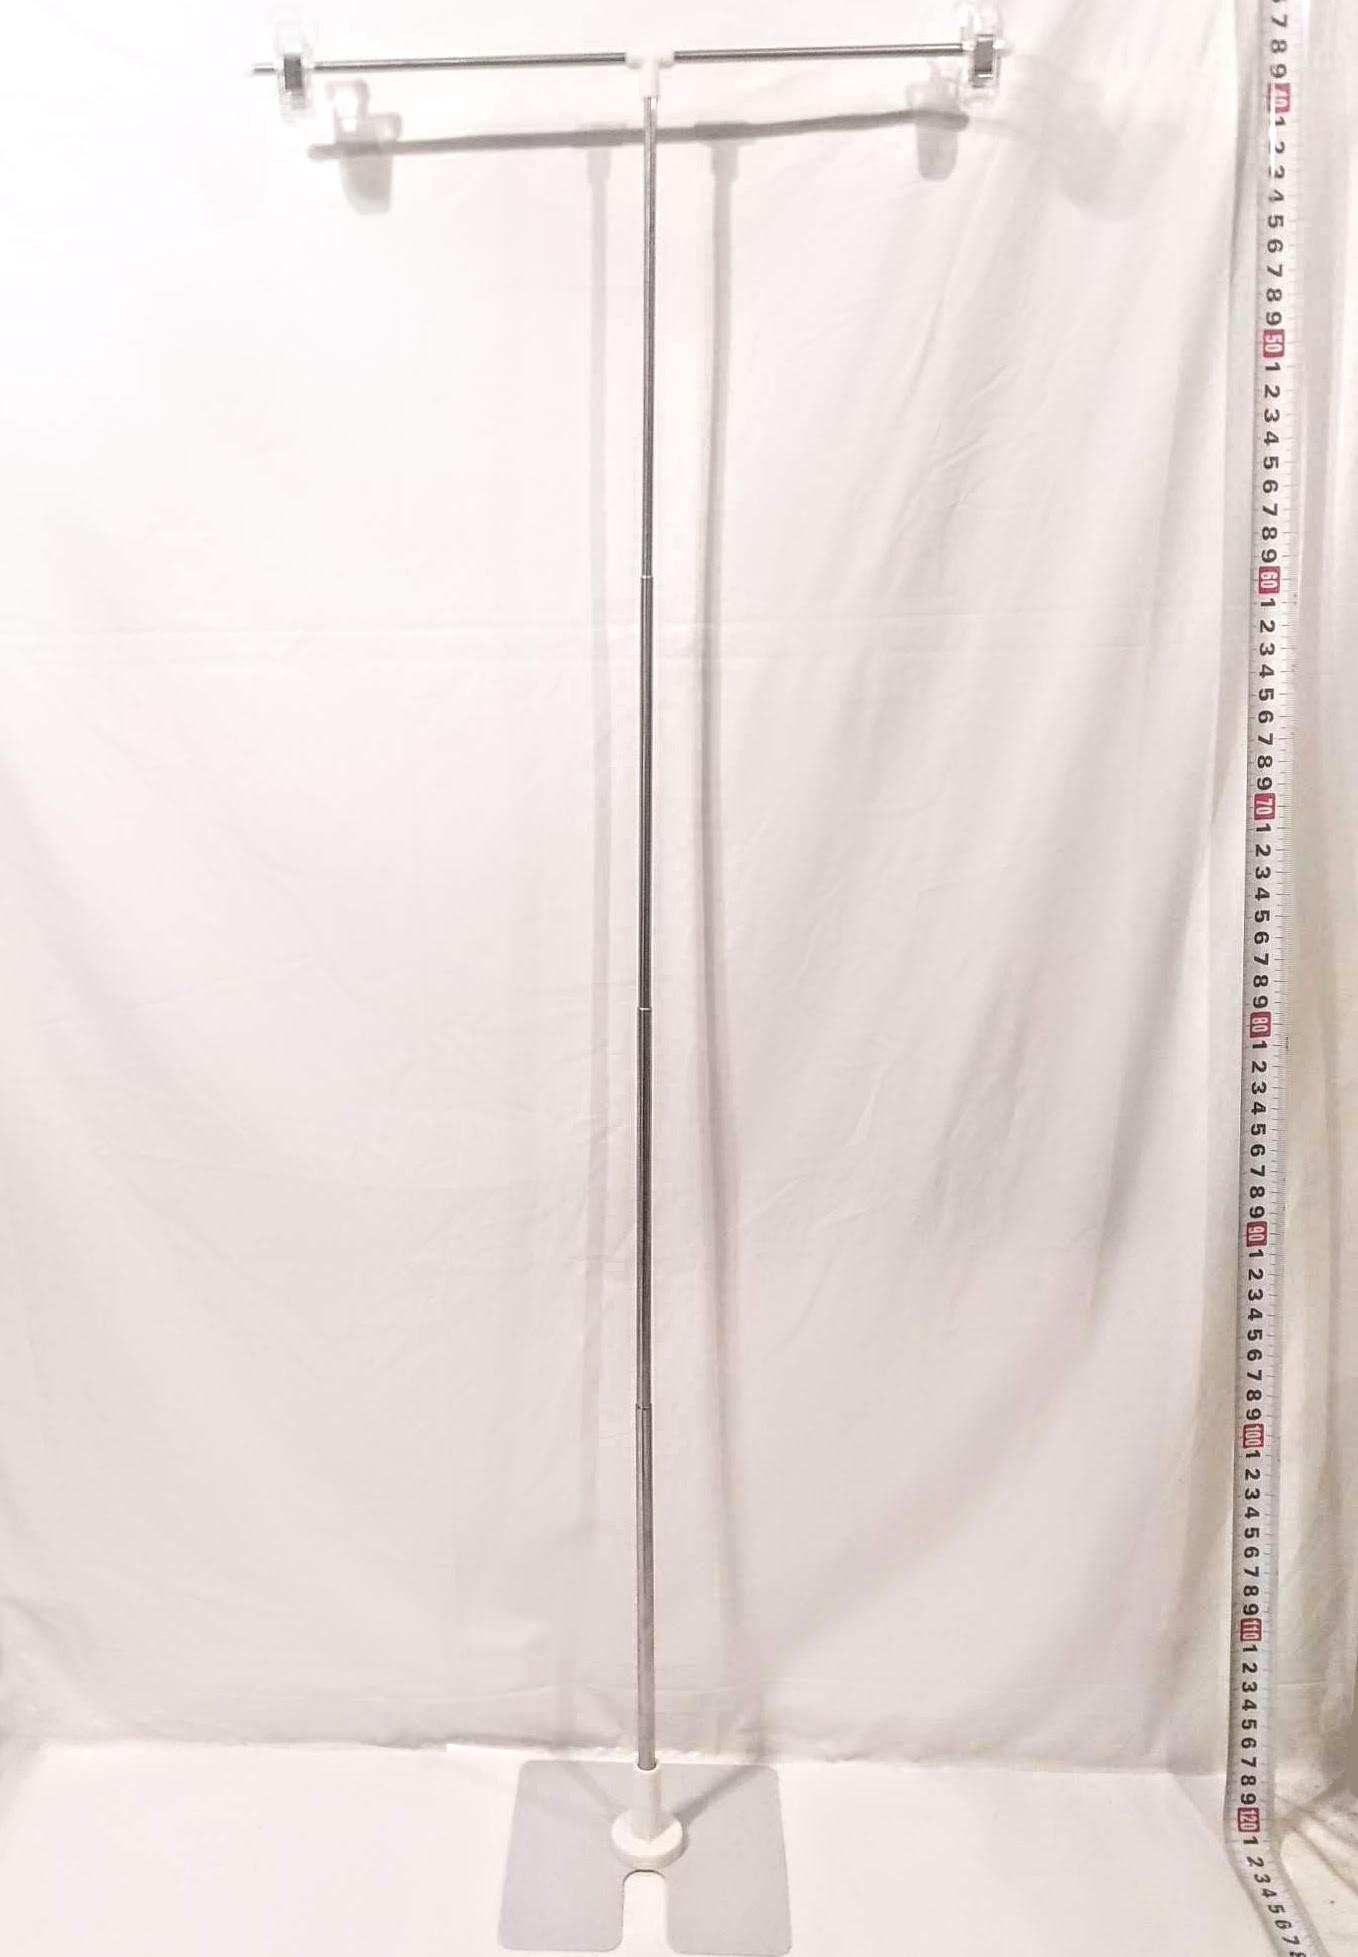 ポスター スタンド 持ち運びに便利 簡単収納 長さ調節可能 バーゲンセール 組み立て式 POPスタンド 広告スタンド 2020新作